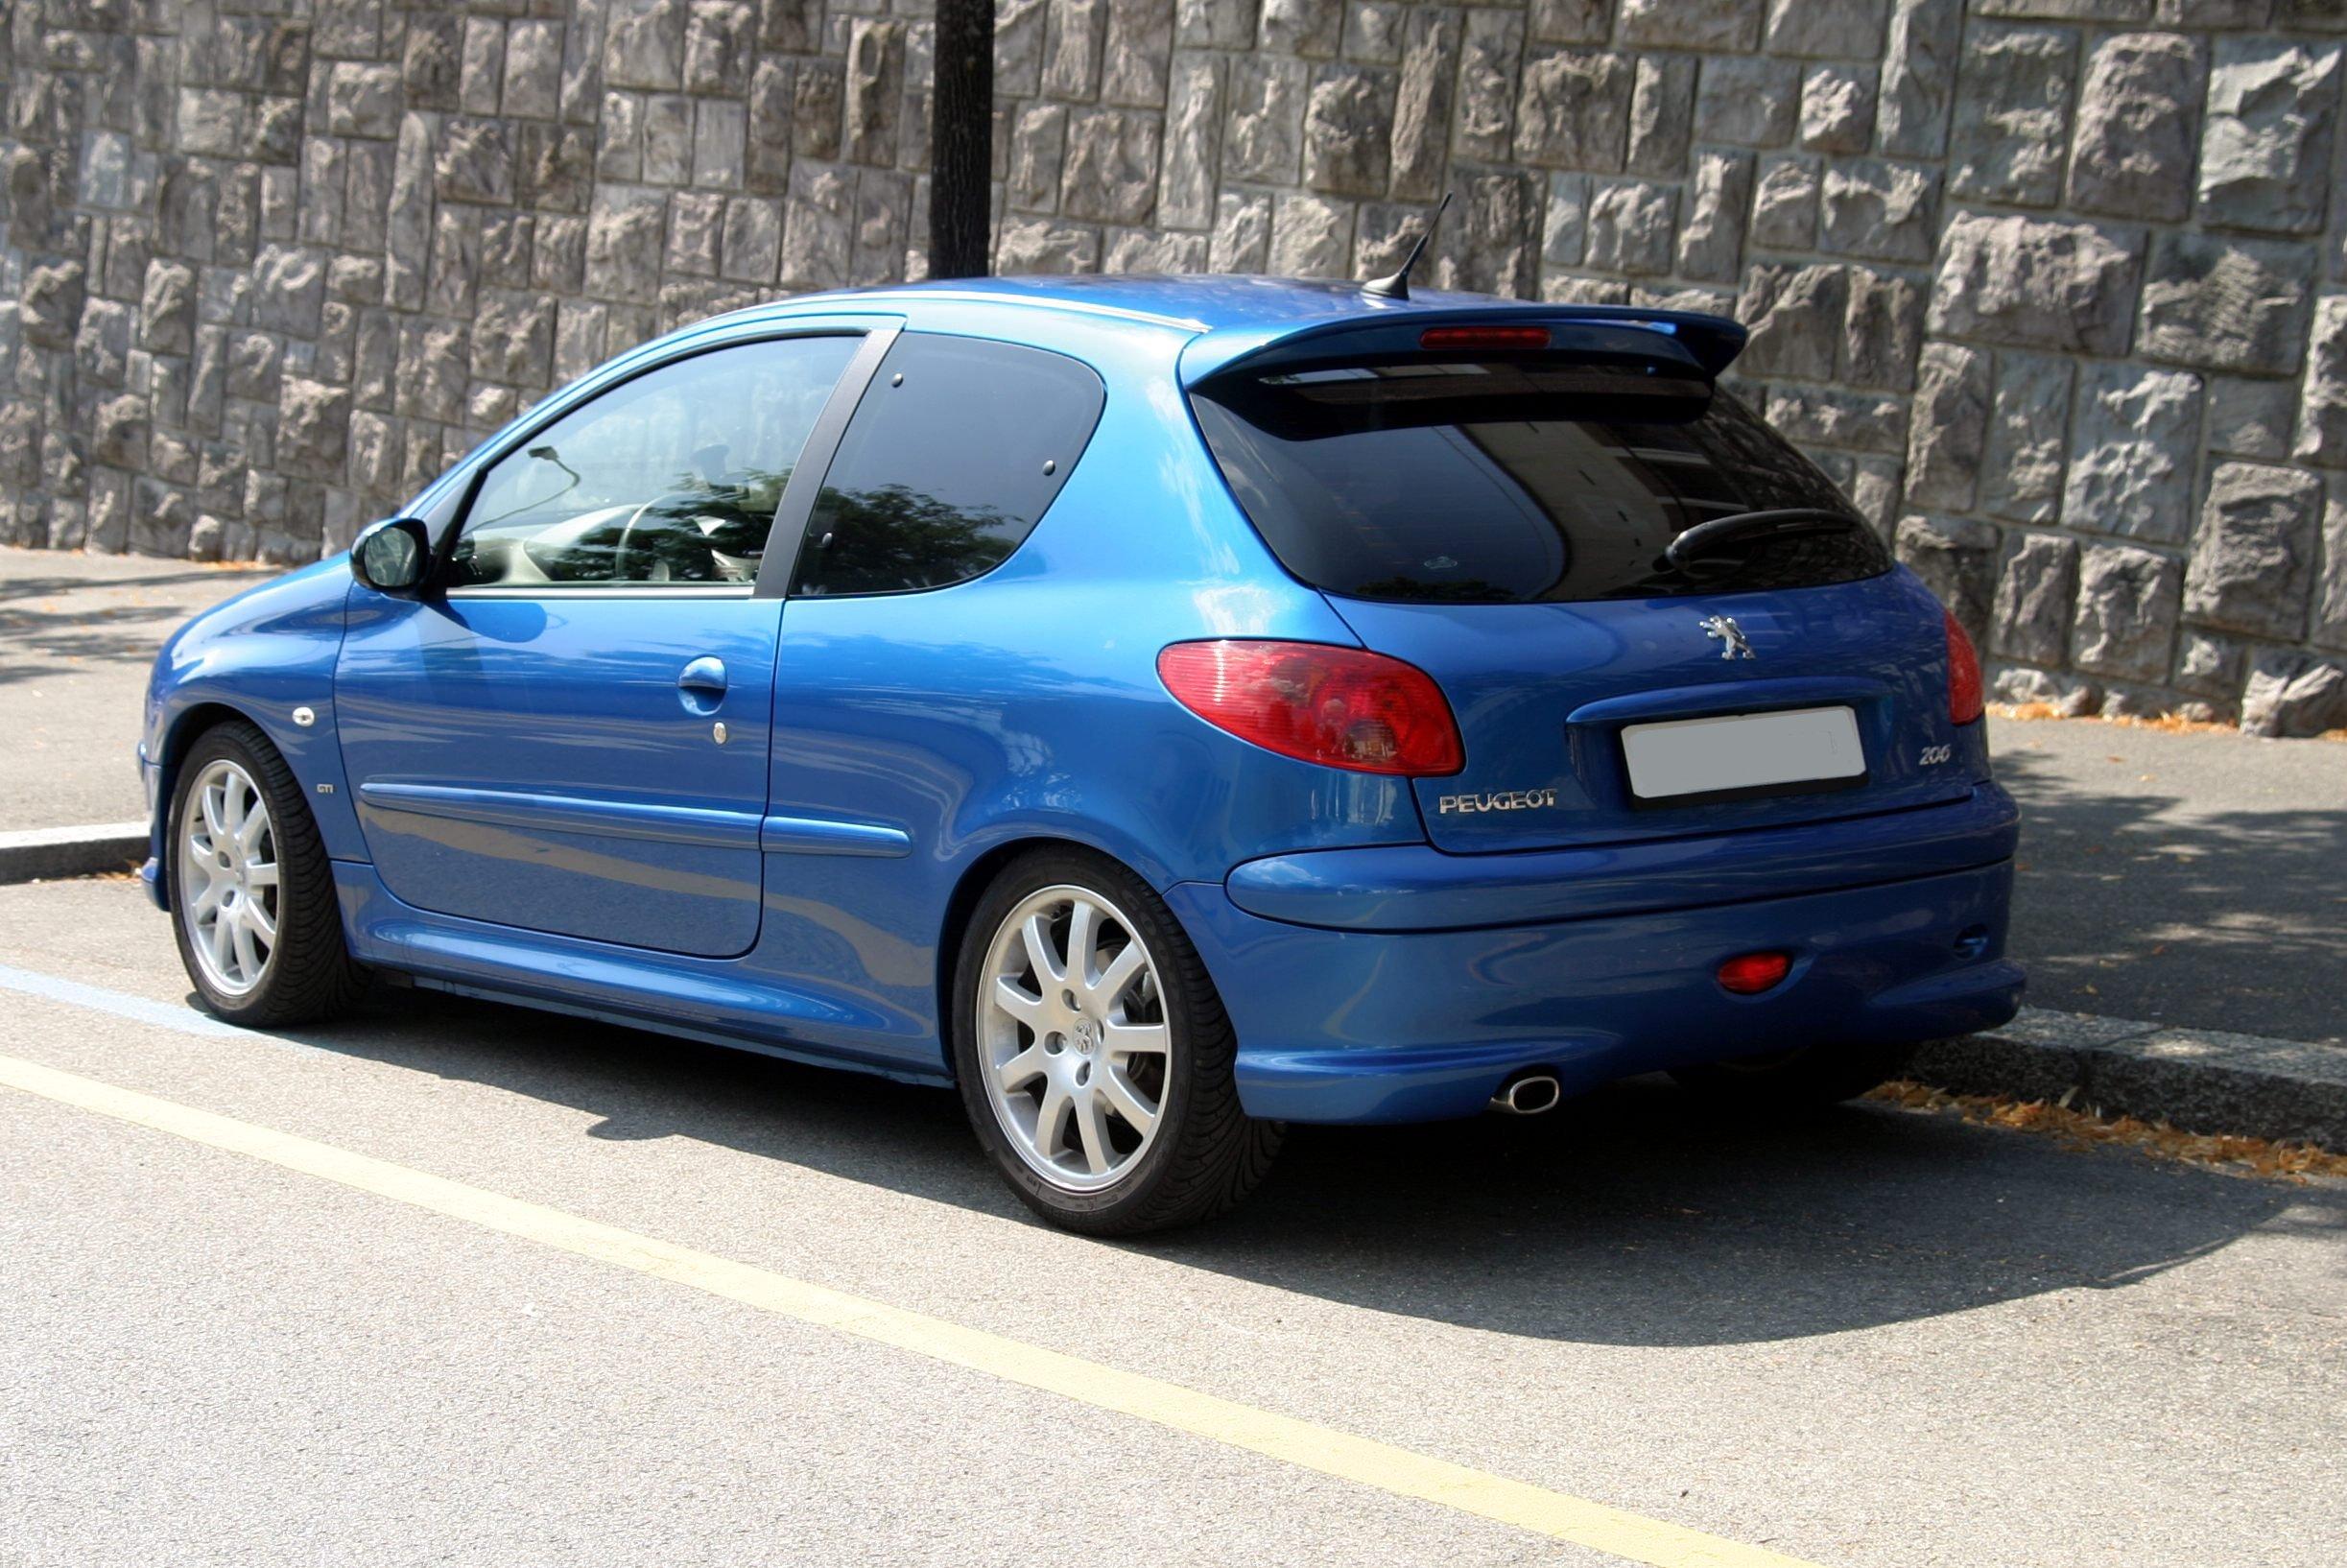 Peugeot 206 Wallpapers Desktop Download